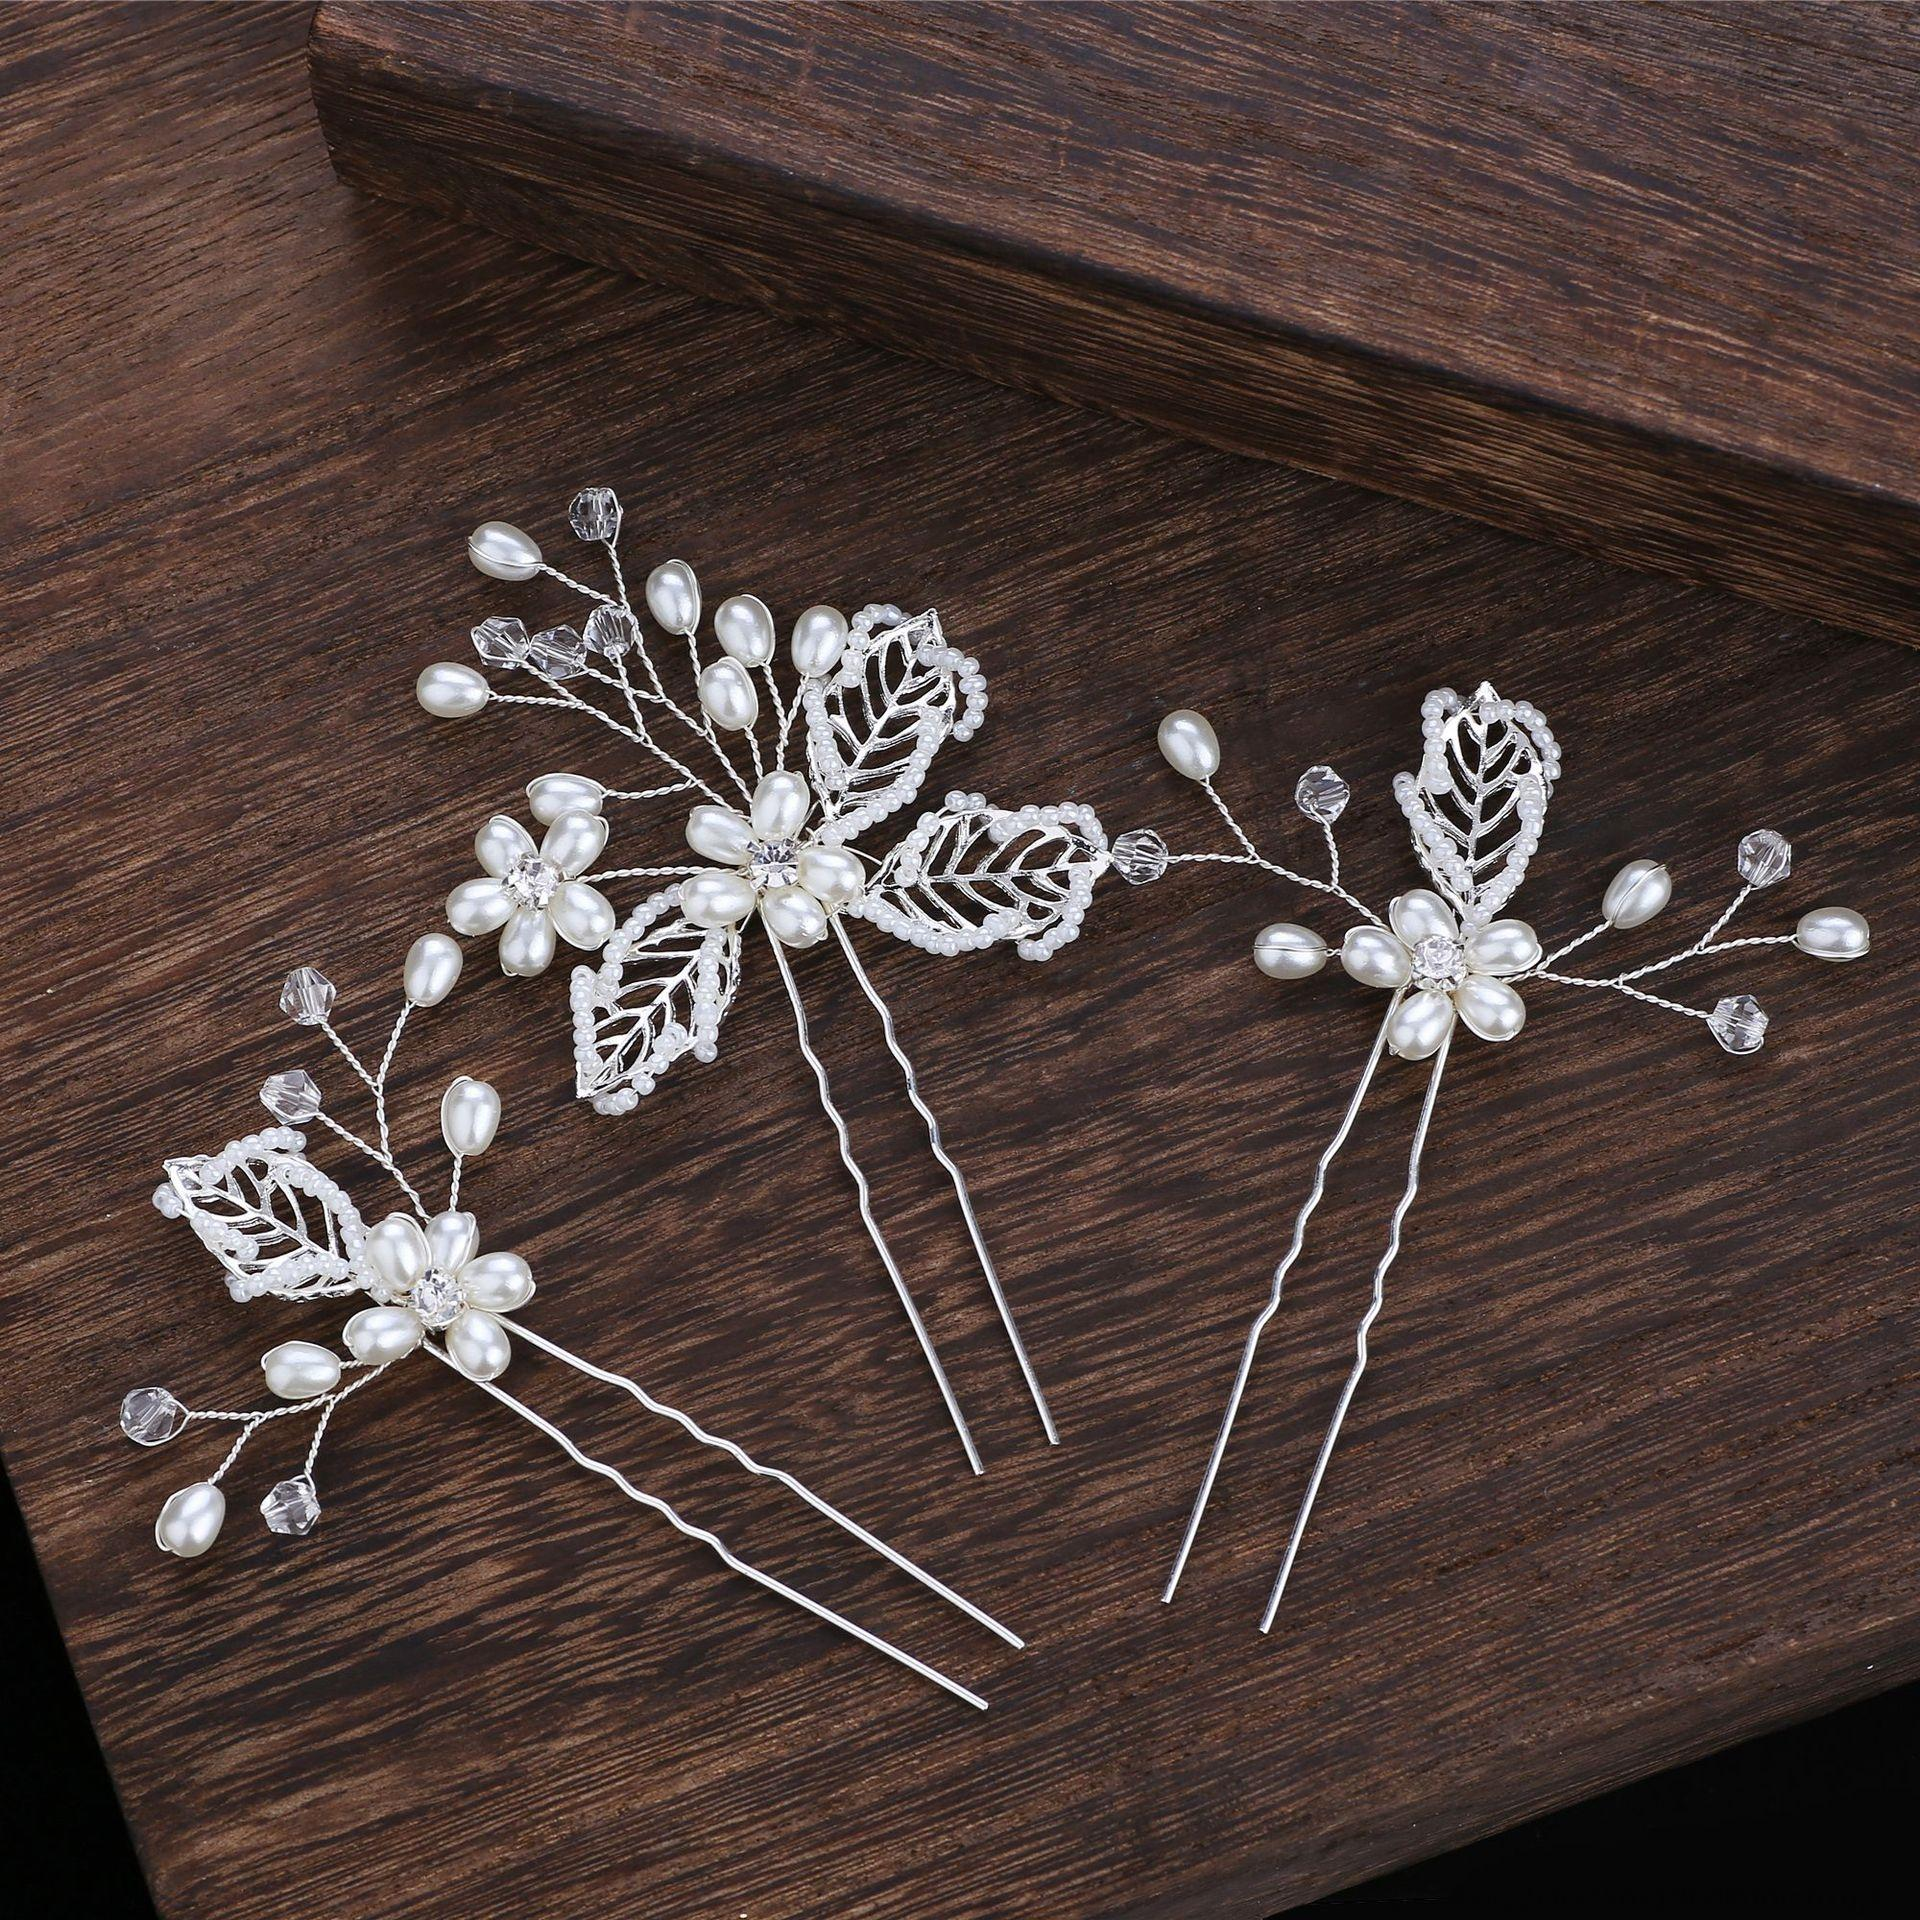 jKTol New Braut Hochzeit handgemachte Hairpin-Perlen Kopfschmuck Hohl aus Metall Blatt Perle Hairpin dreiteiliges Kopfschmuck-Set